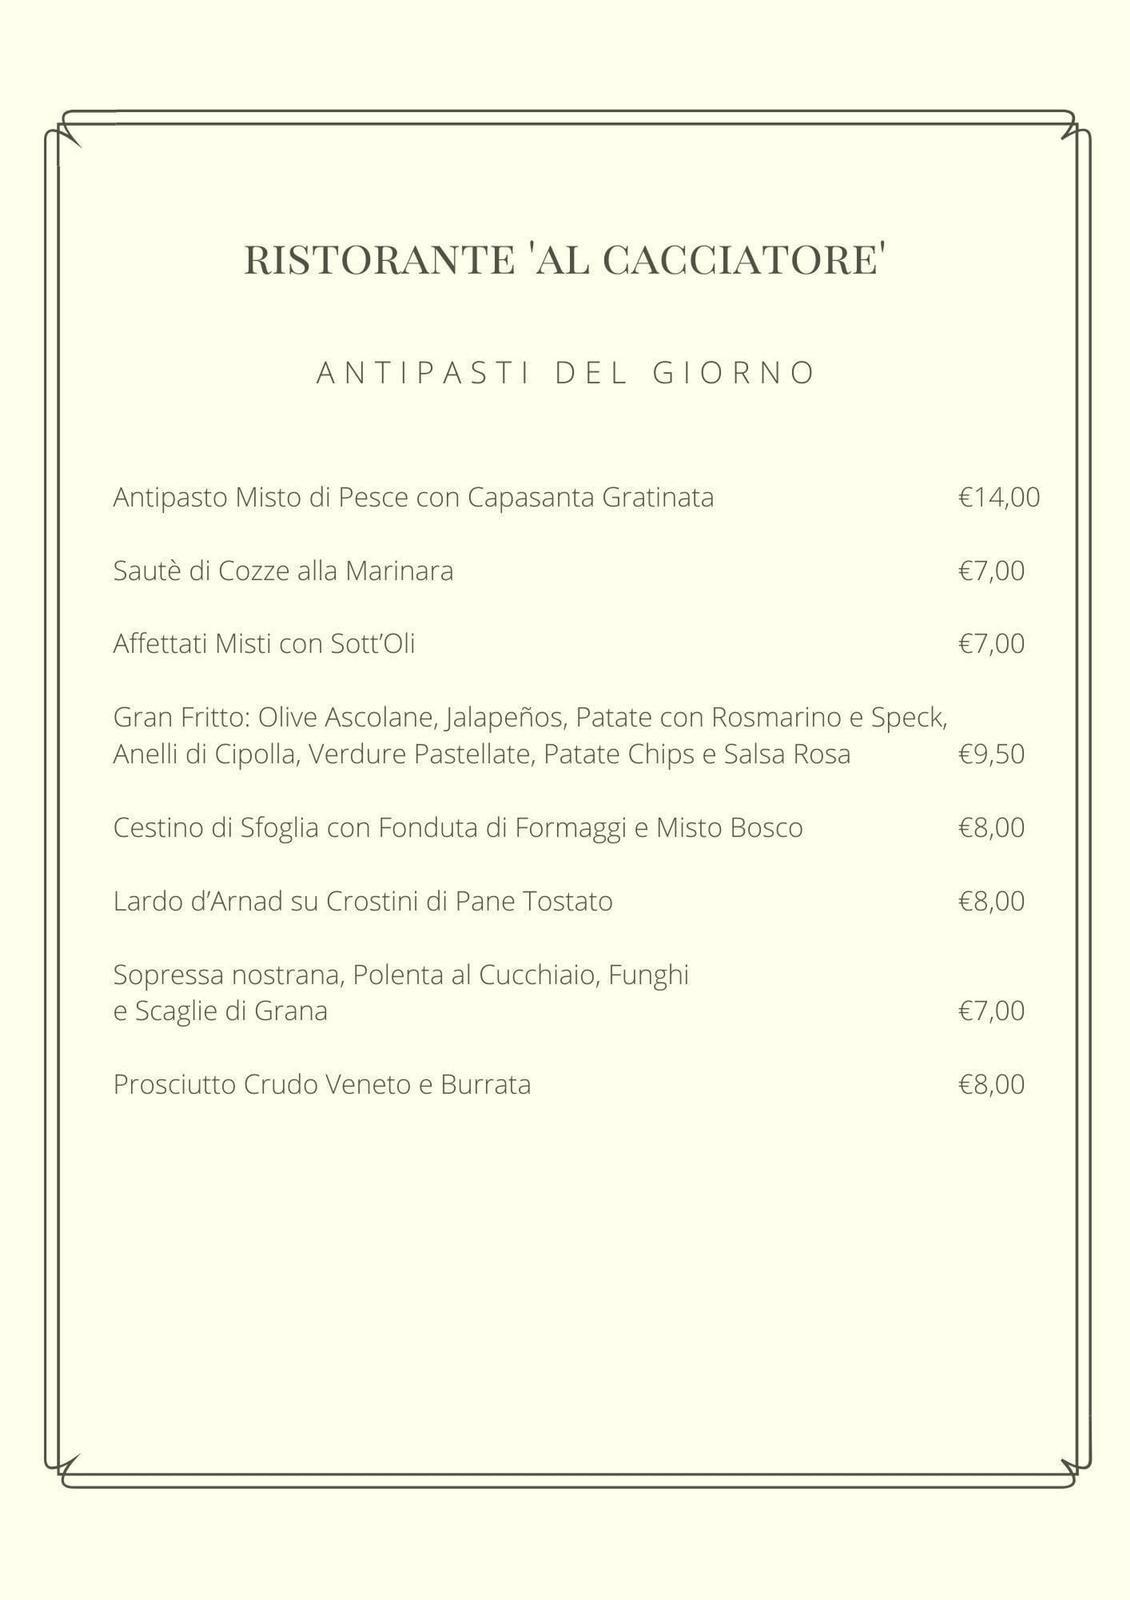 menu-carta3